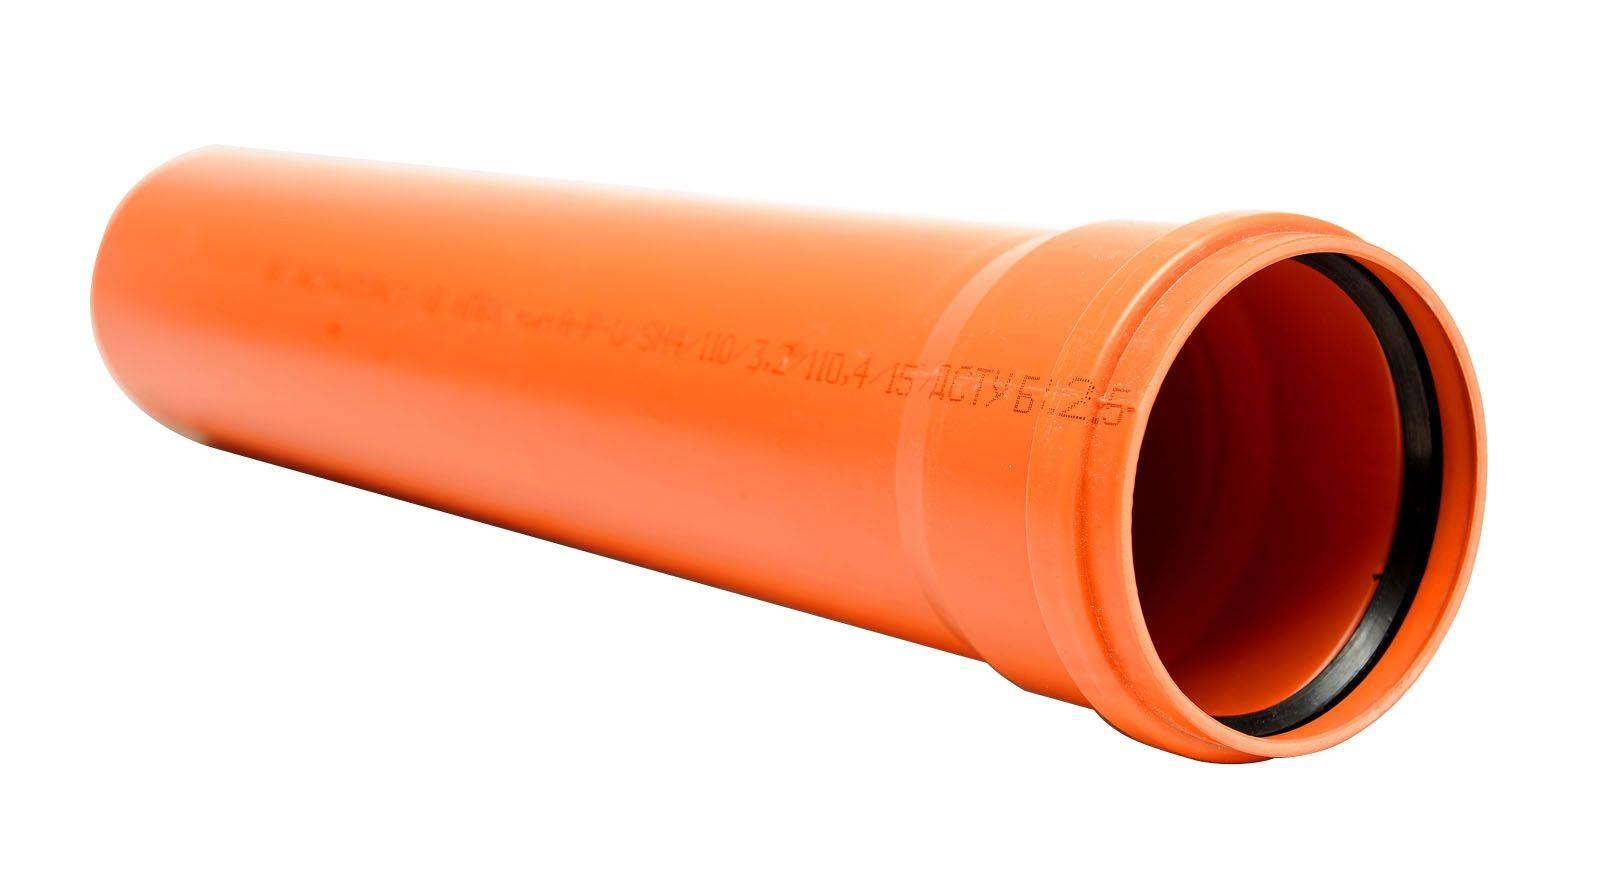 Канализационные трубы пвх, диаметр от 50 до 110 миллиметров, таблица размеров для различных канализационных стоков